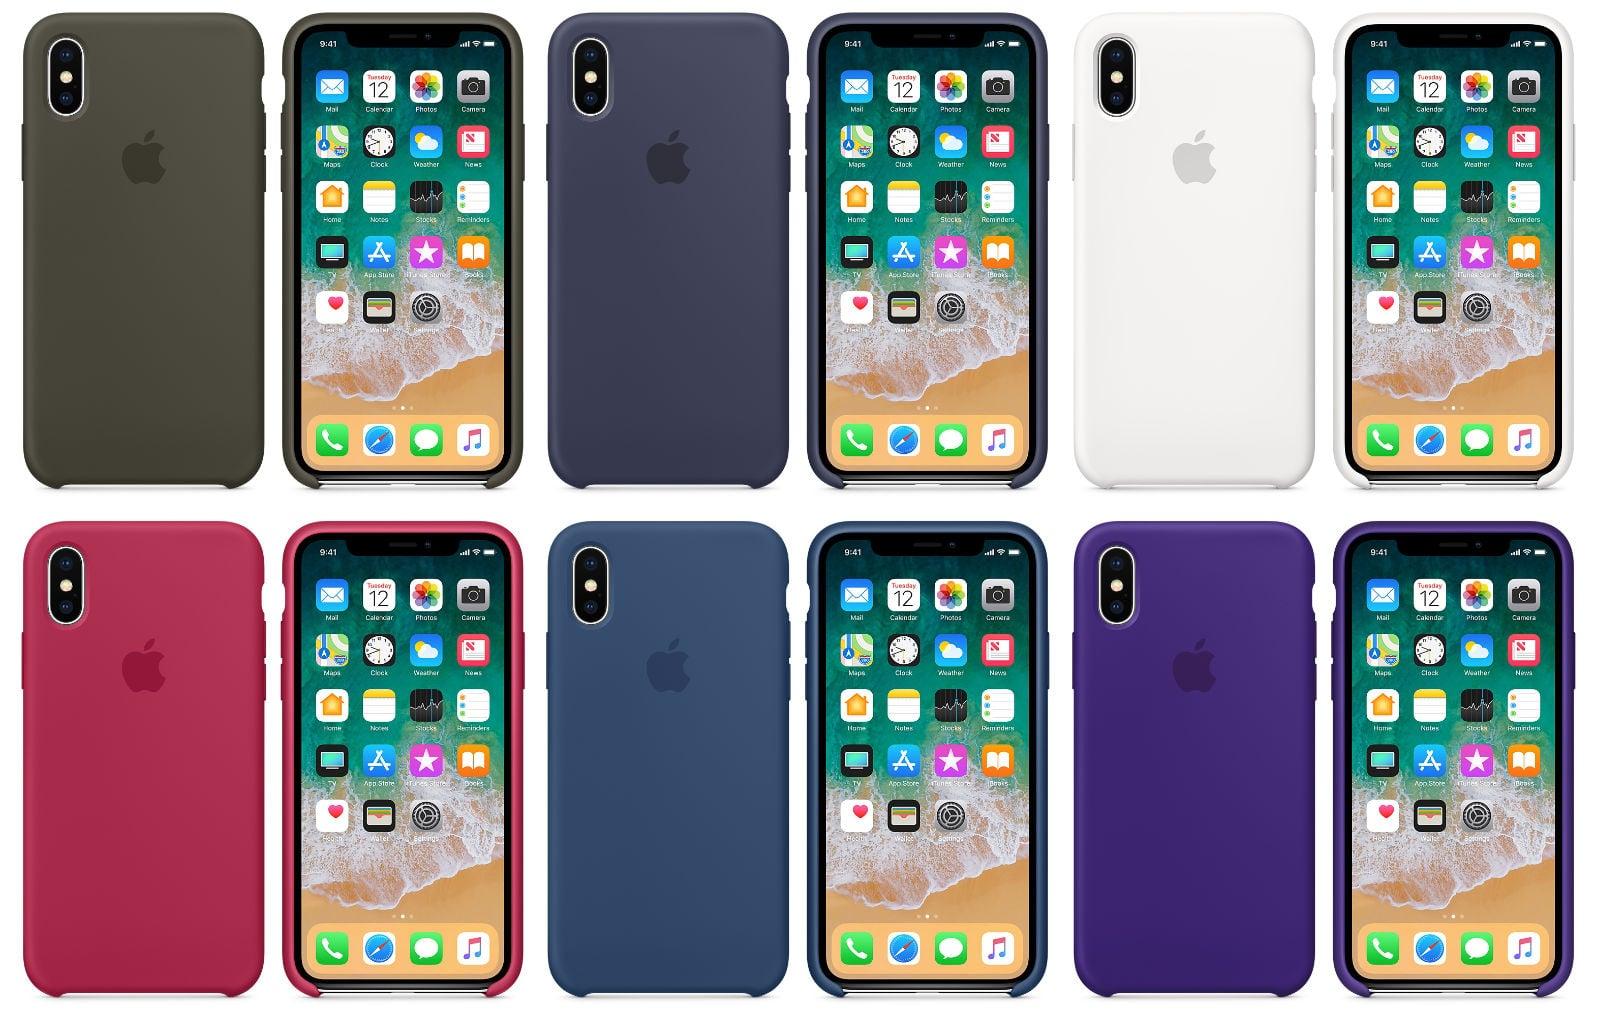 IPhoneX siliconecase 02